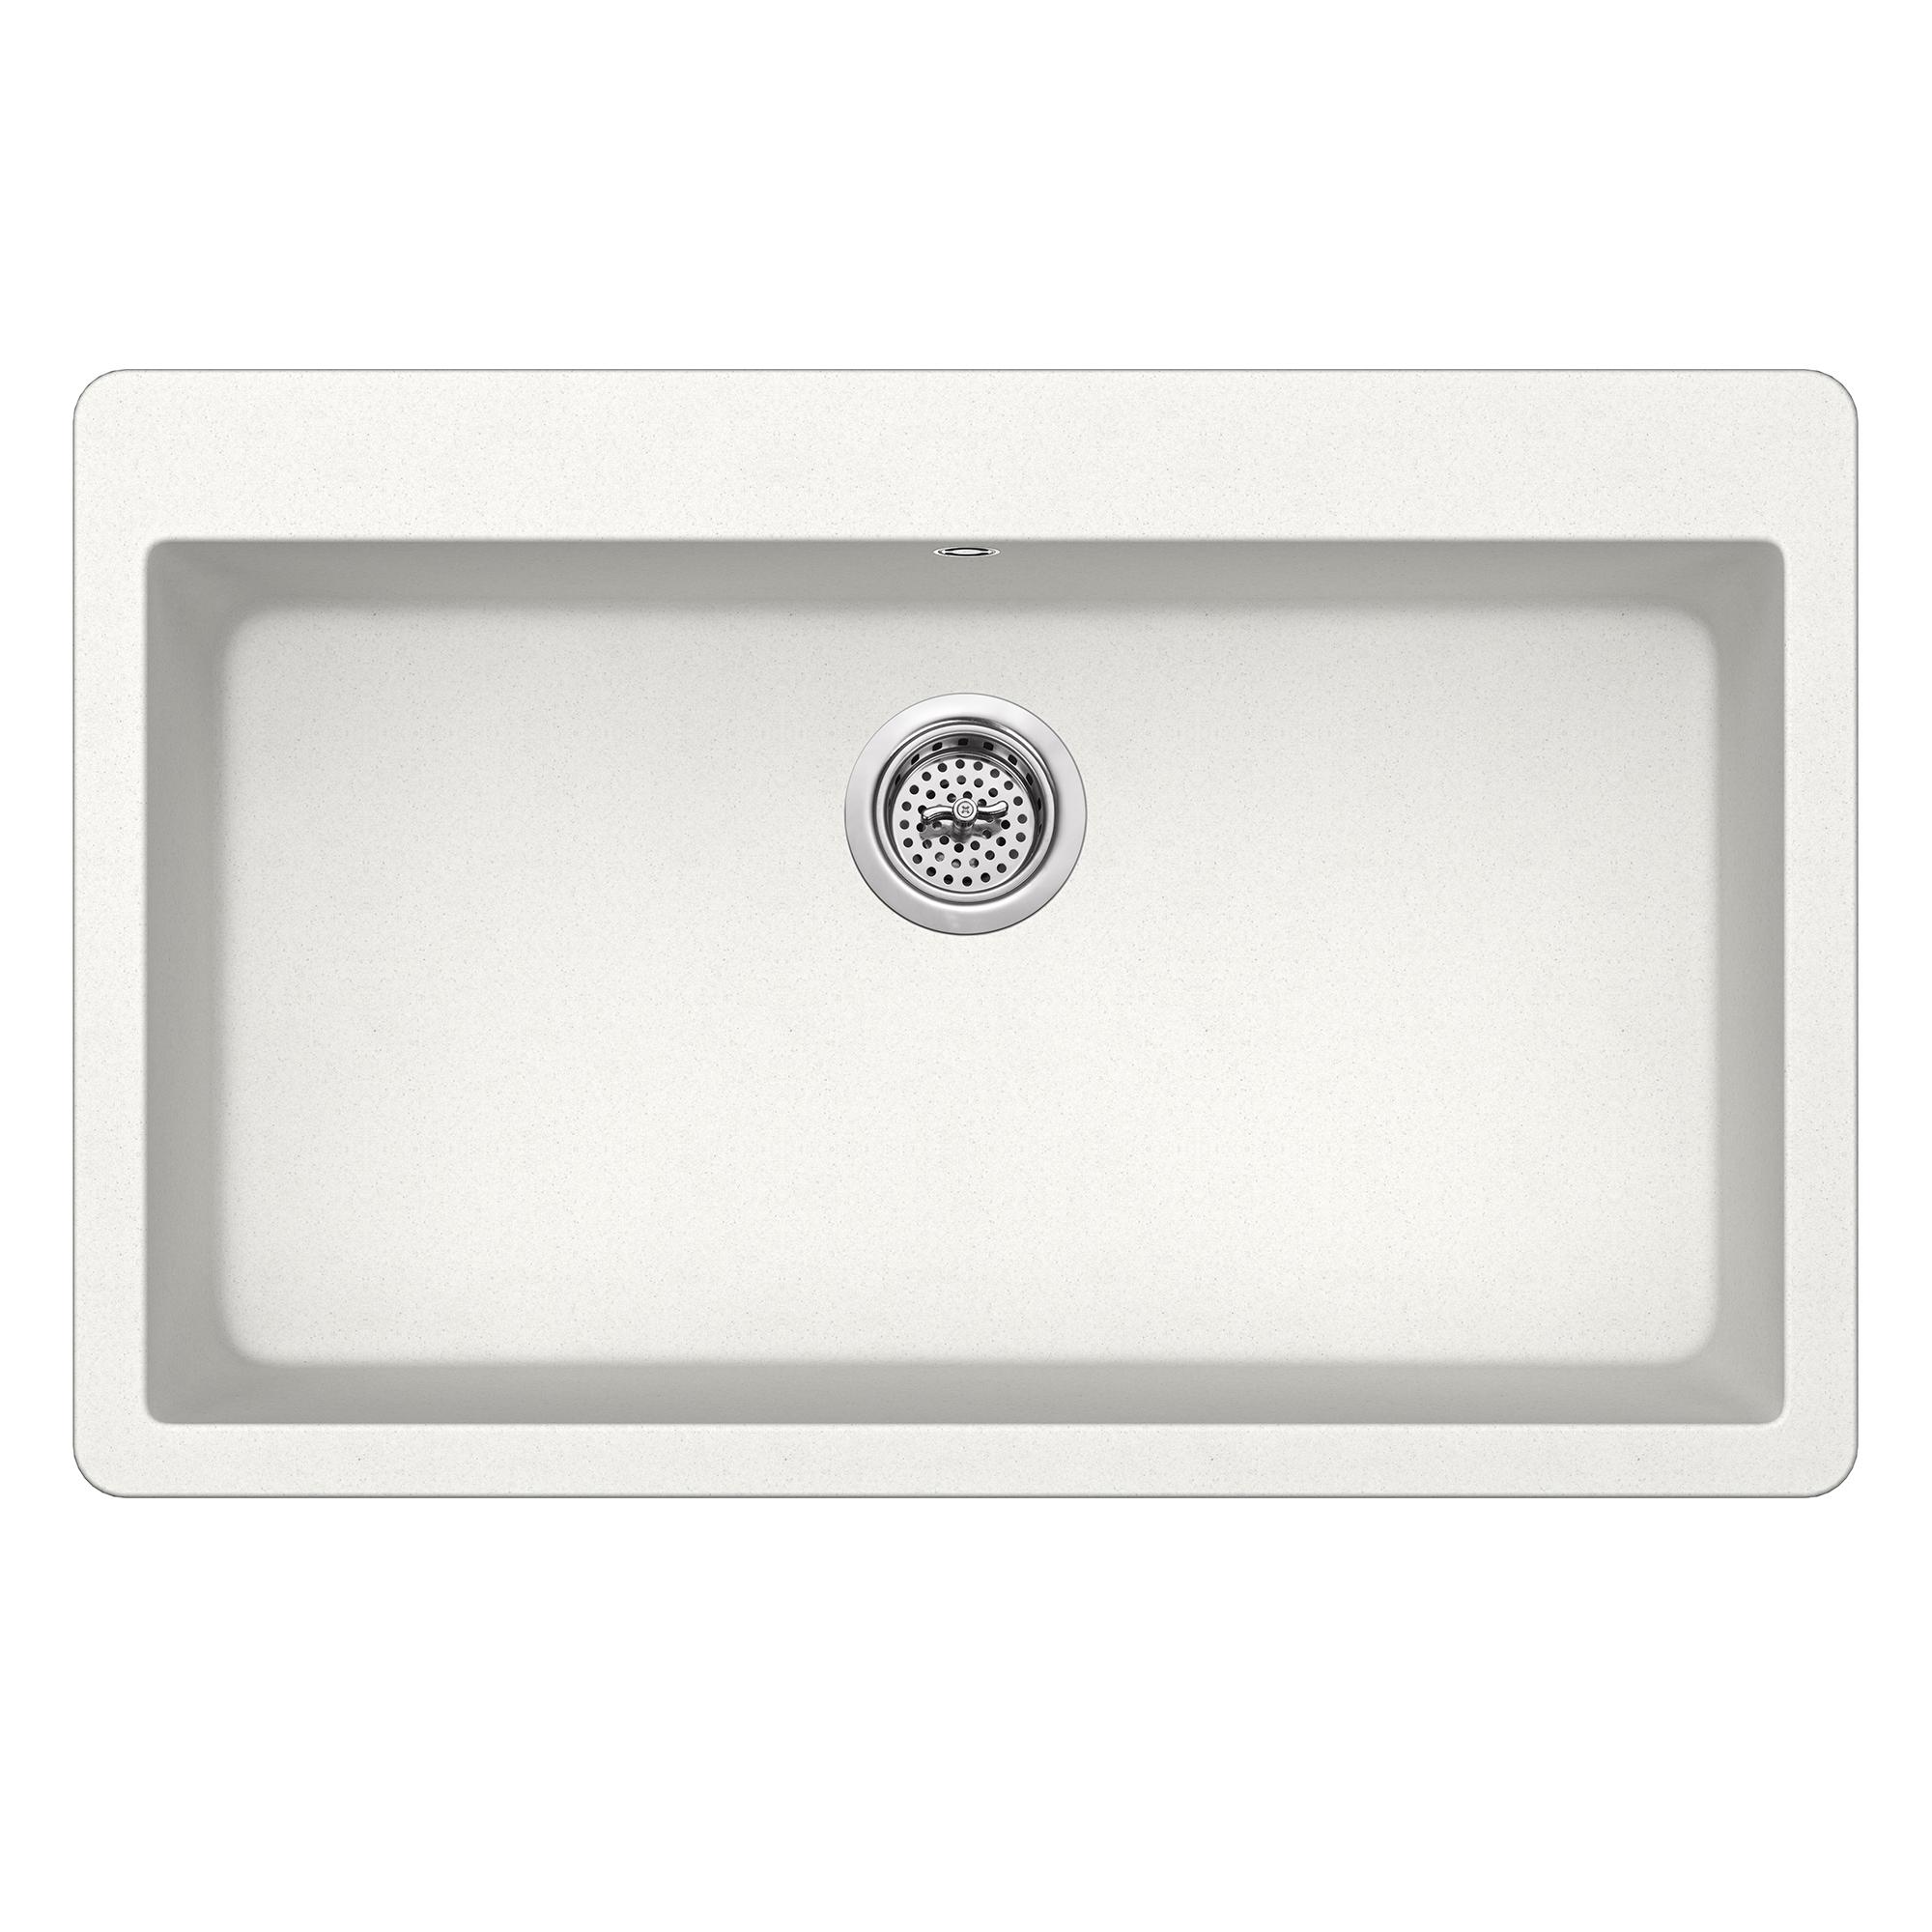 Dual Mount 33 In X 20 7 8 Quartz Kitchen Sink Alpine White Cahaba Designs